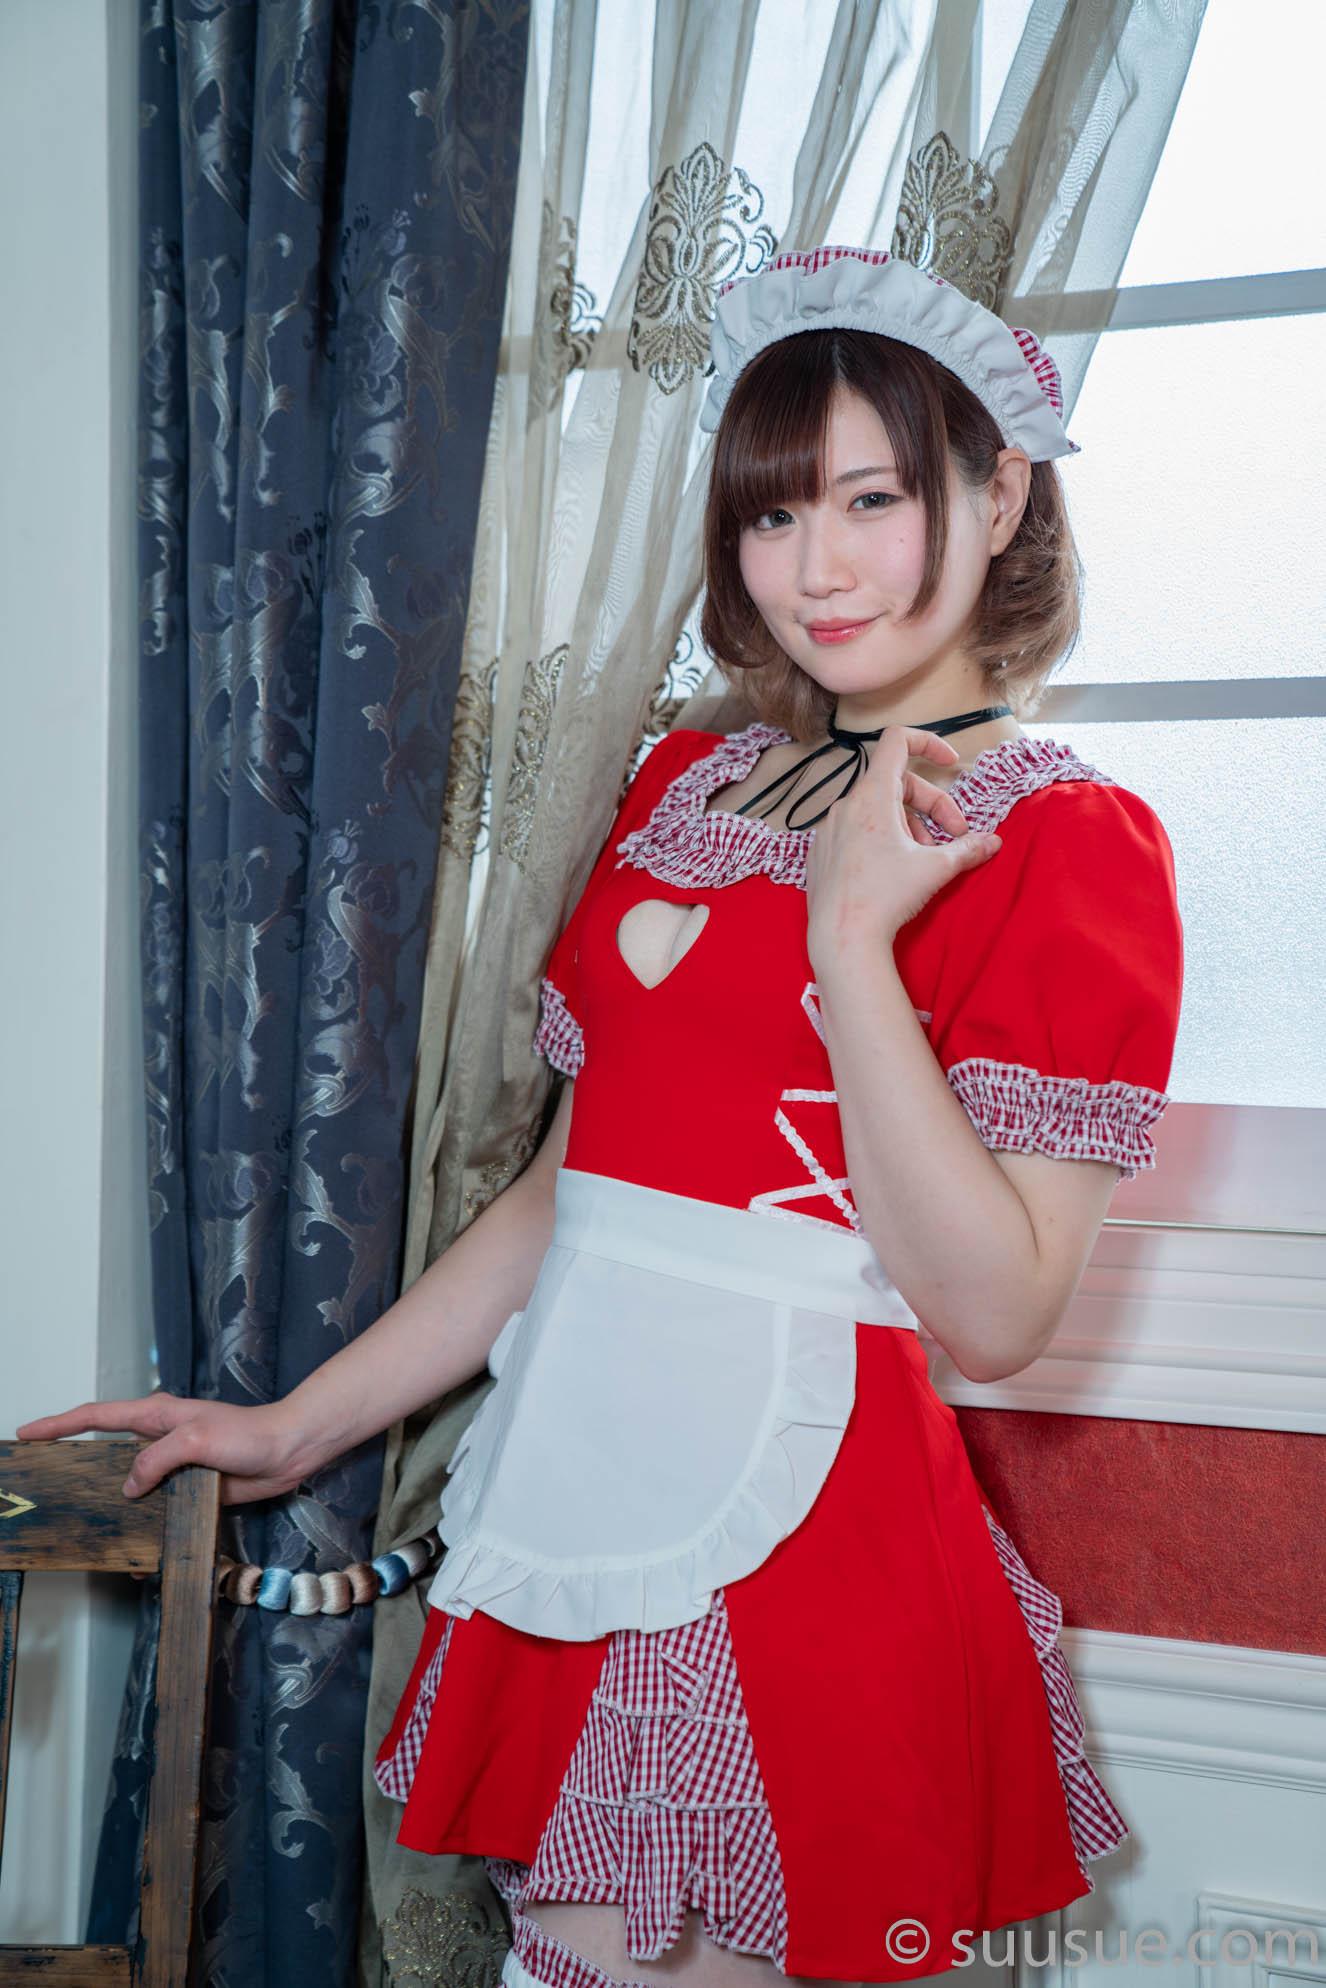 雨音瑠美 2019/02/11 ゆぴてる撮影会